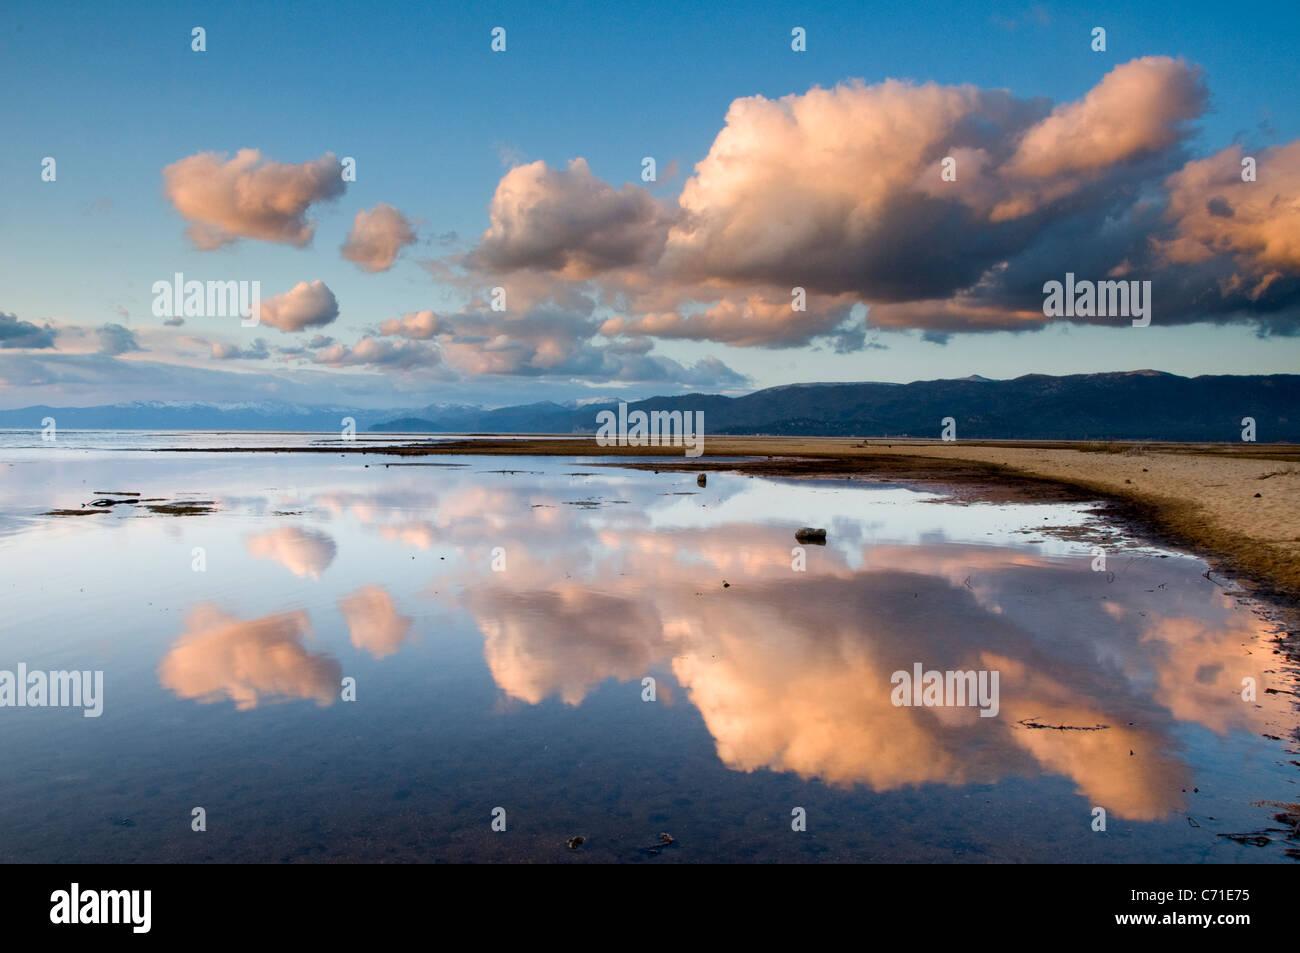 De gros nuages se reflétant dans le lac Tahoe en fin d'après-midi, la lumière de la Californie. Banque D'Images